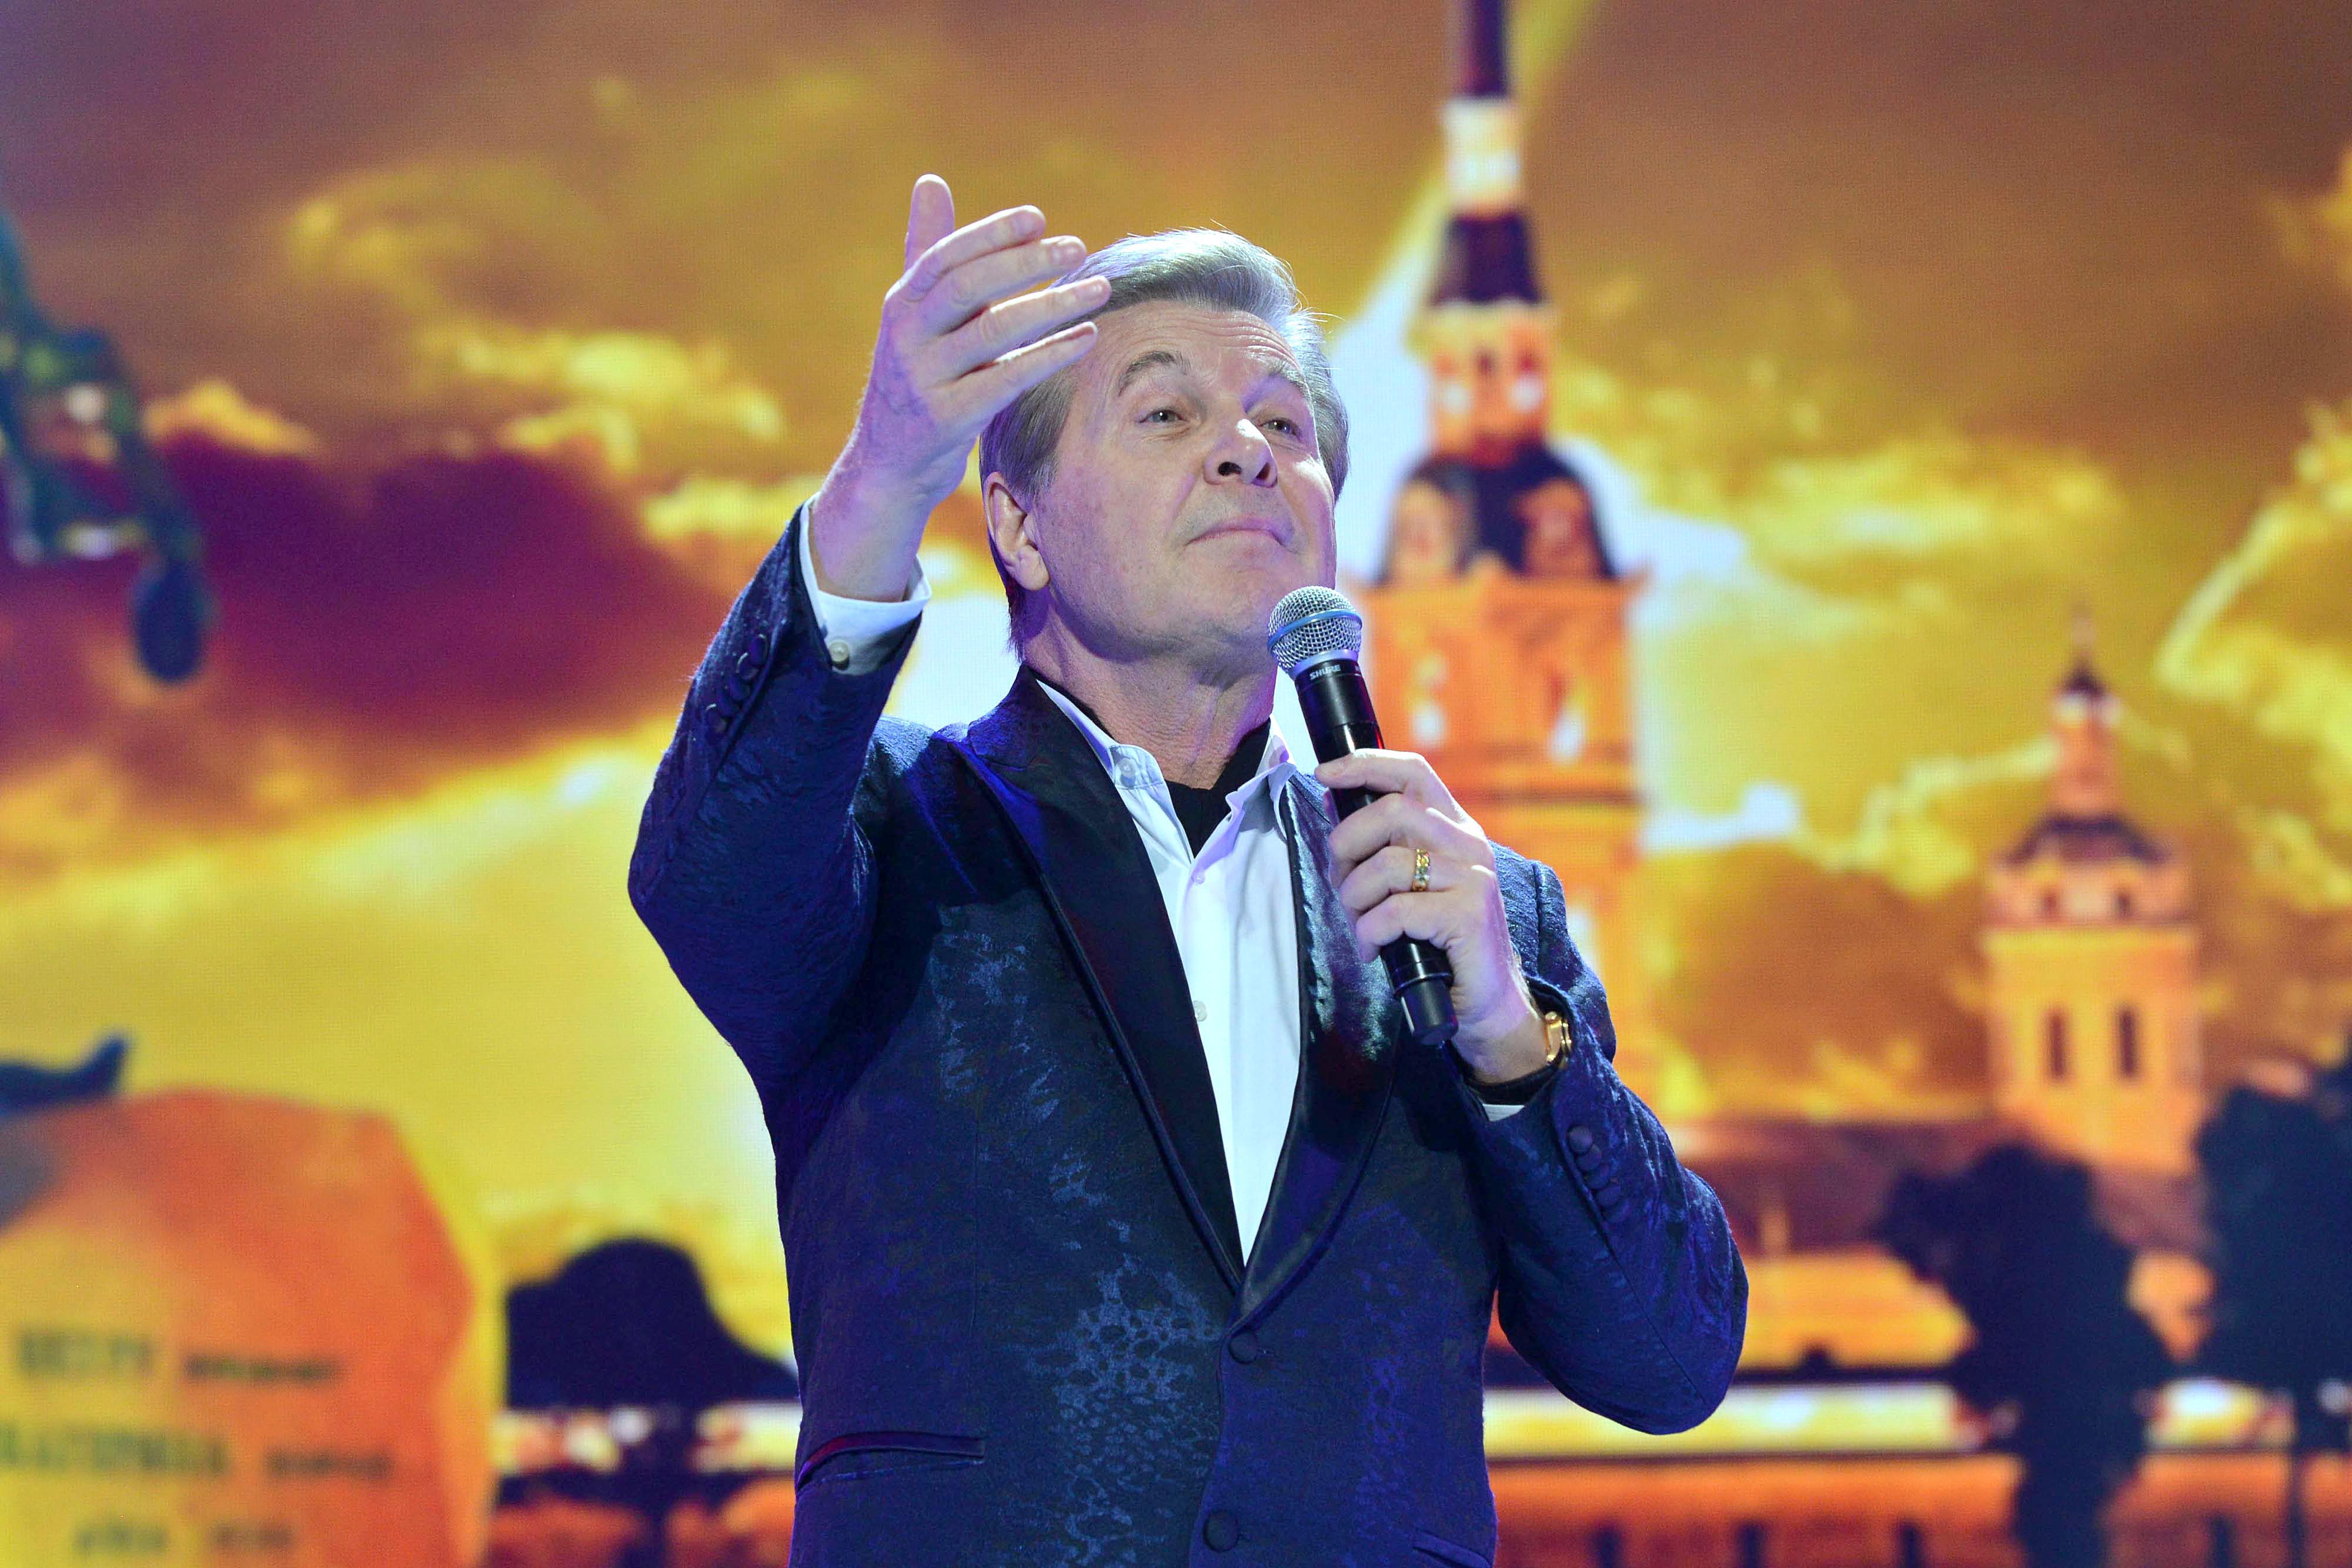 Лев Лещенко: Дорогим ветеранам пою эту песню